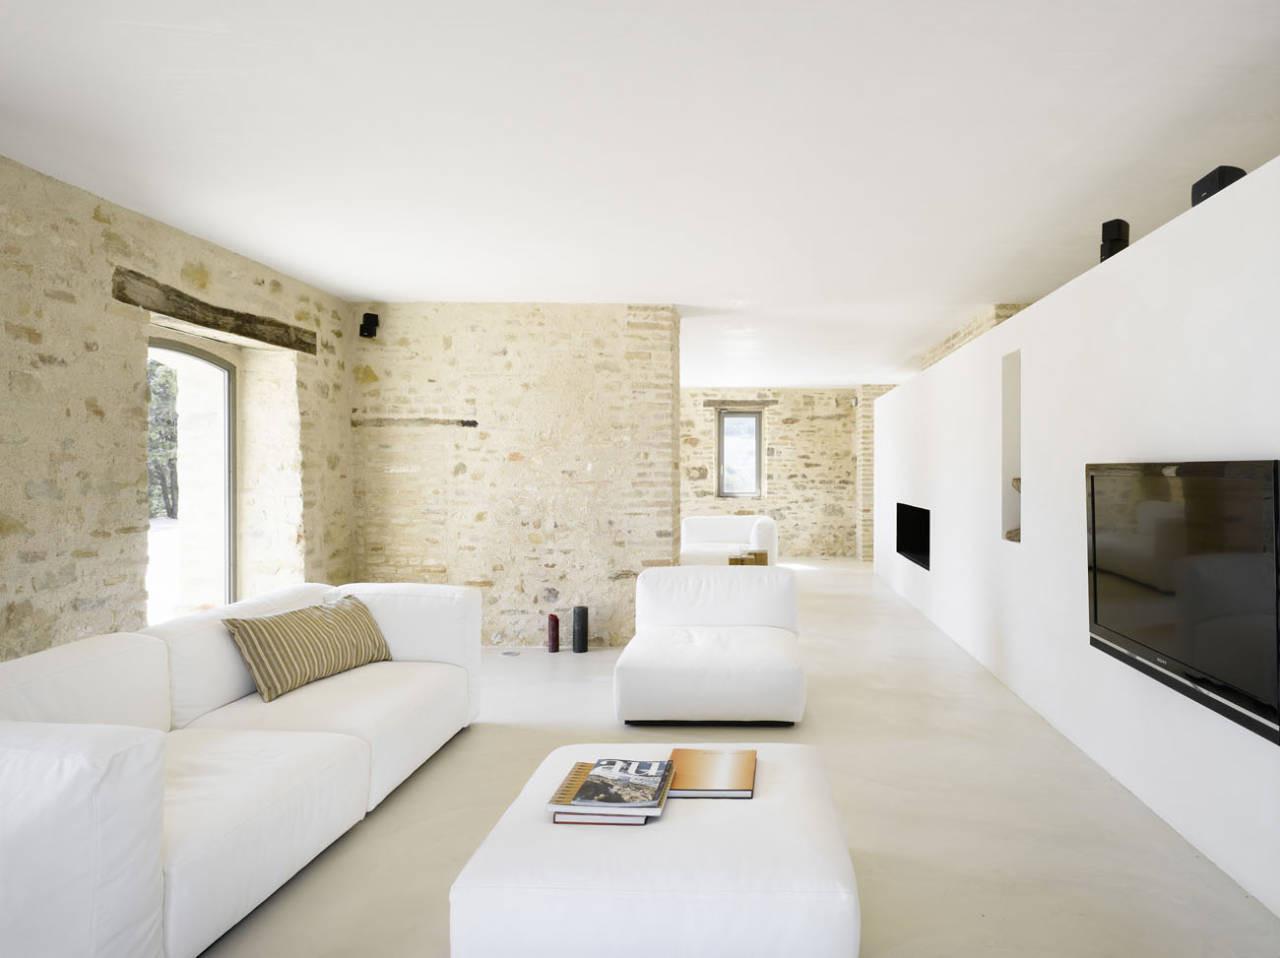 Gallery of House Renovation In Treia / Wespi de Meuron Romeo ...